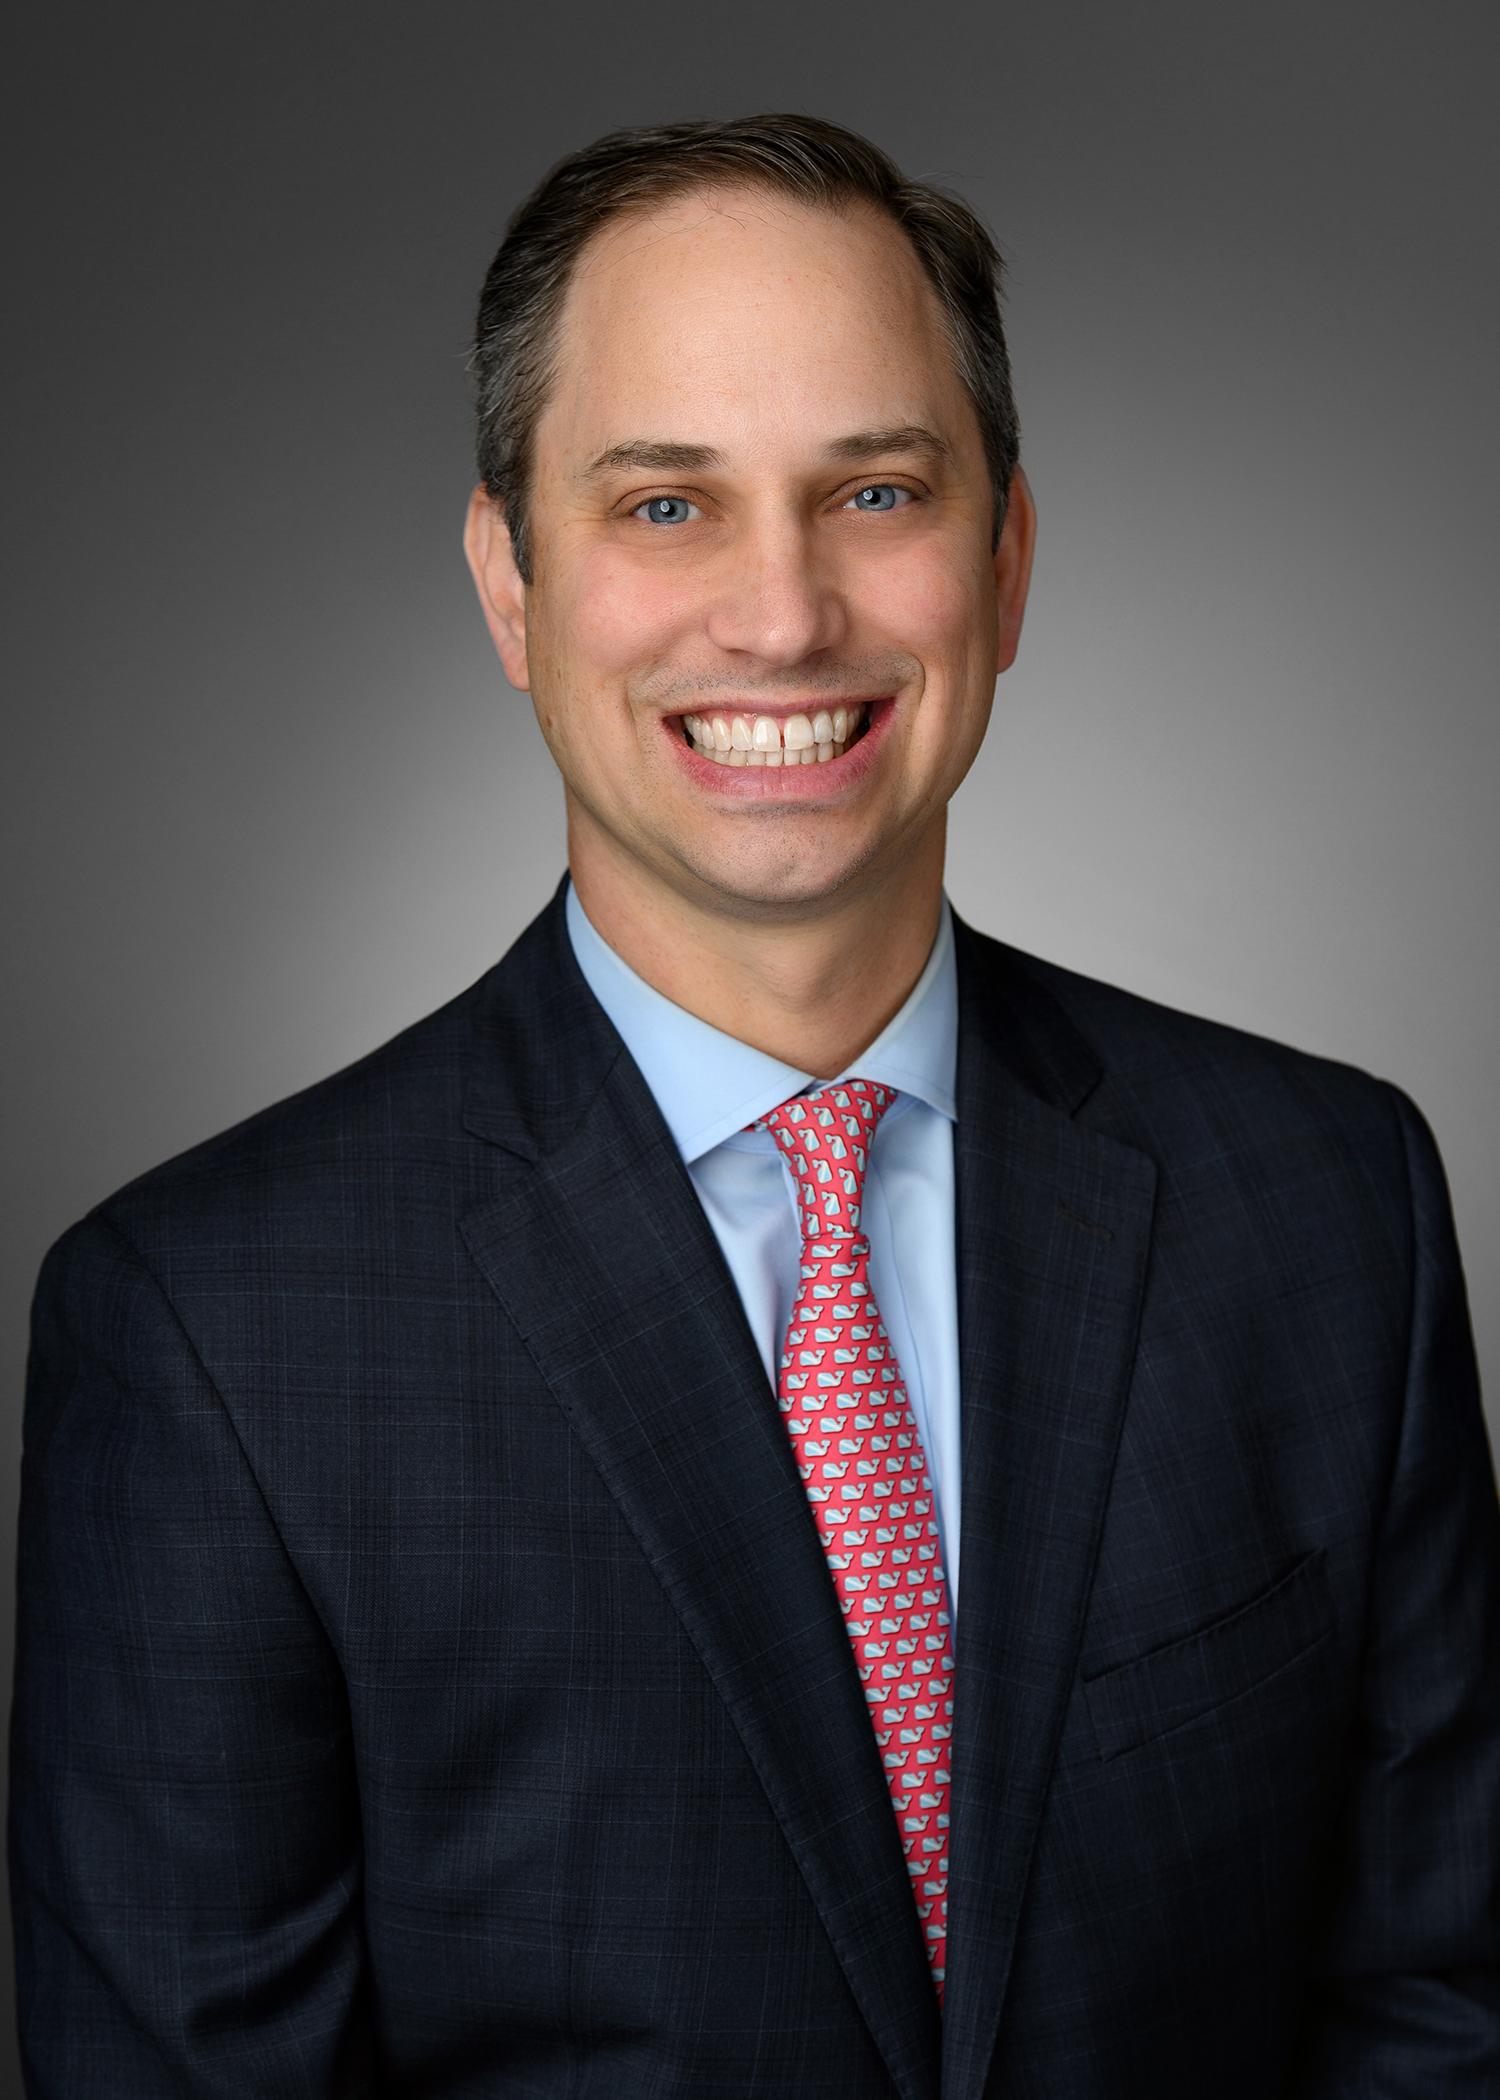 Chad Rudzik